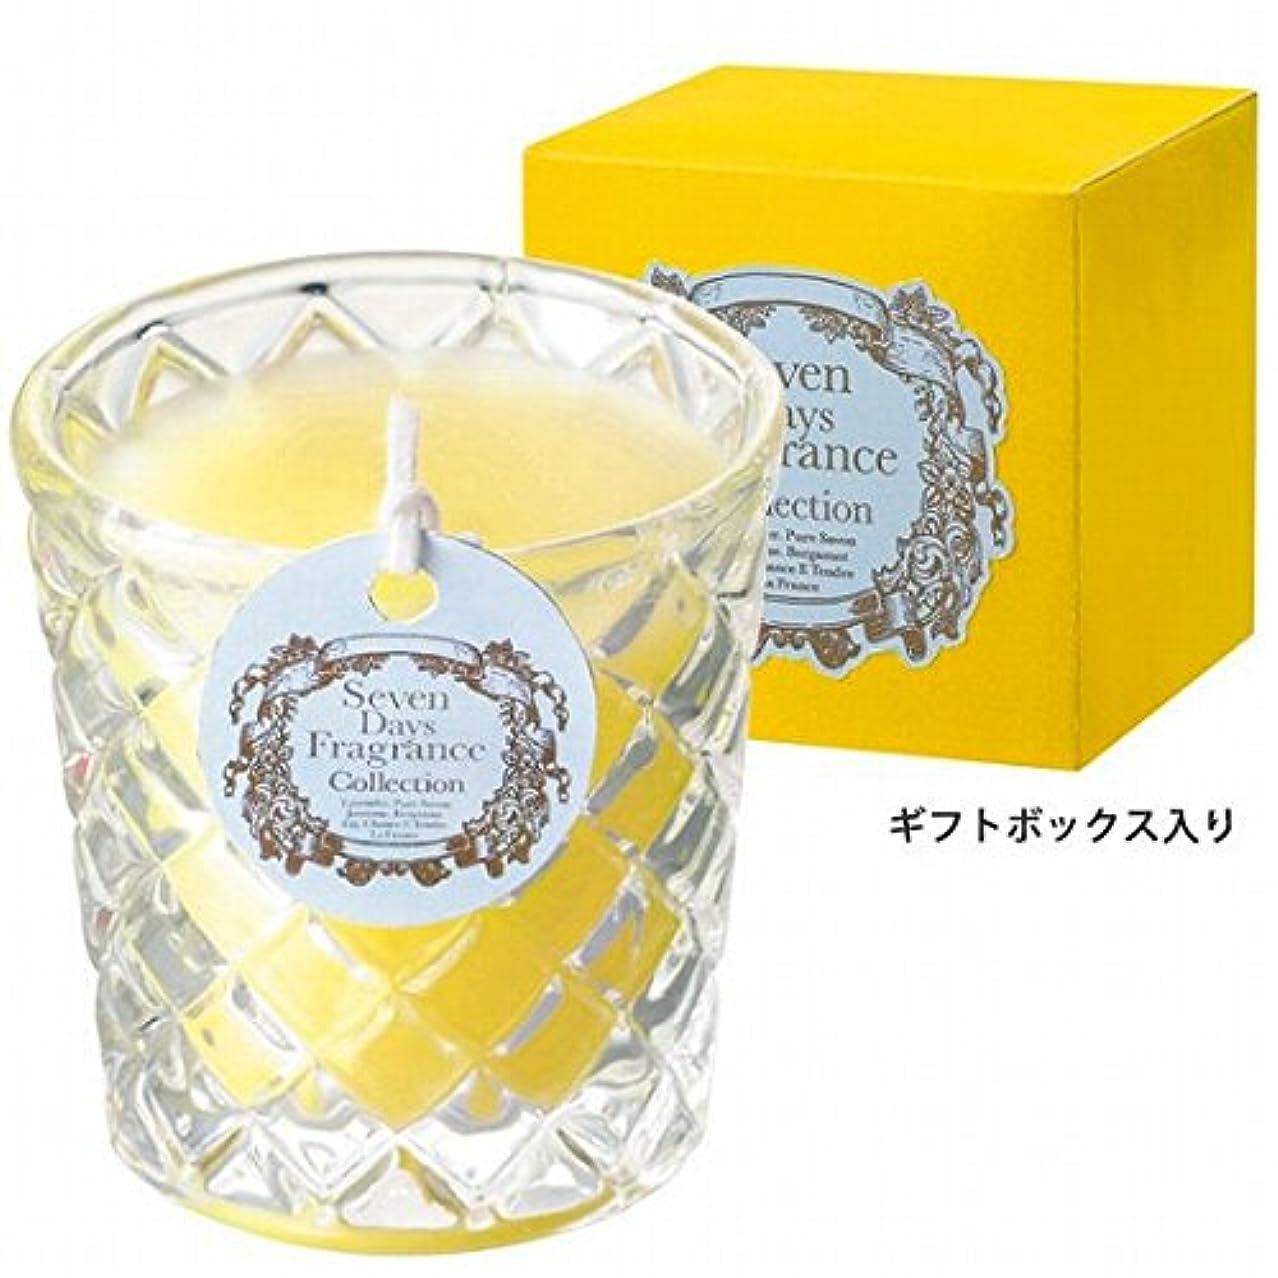 道徳の番目狂うカメヤマキャンドル(kameyama candle) セブンデイズグラスキャンドル(水曜日) 「 ベルガモット 」